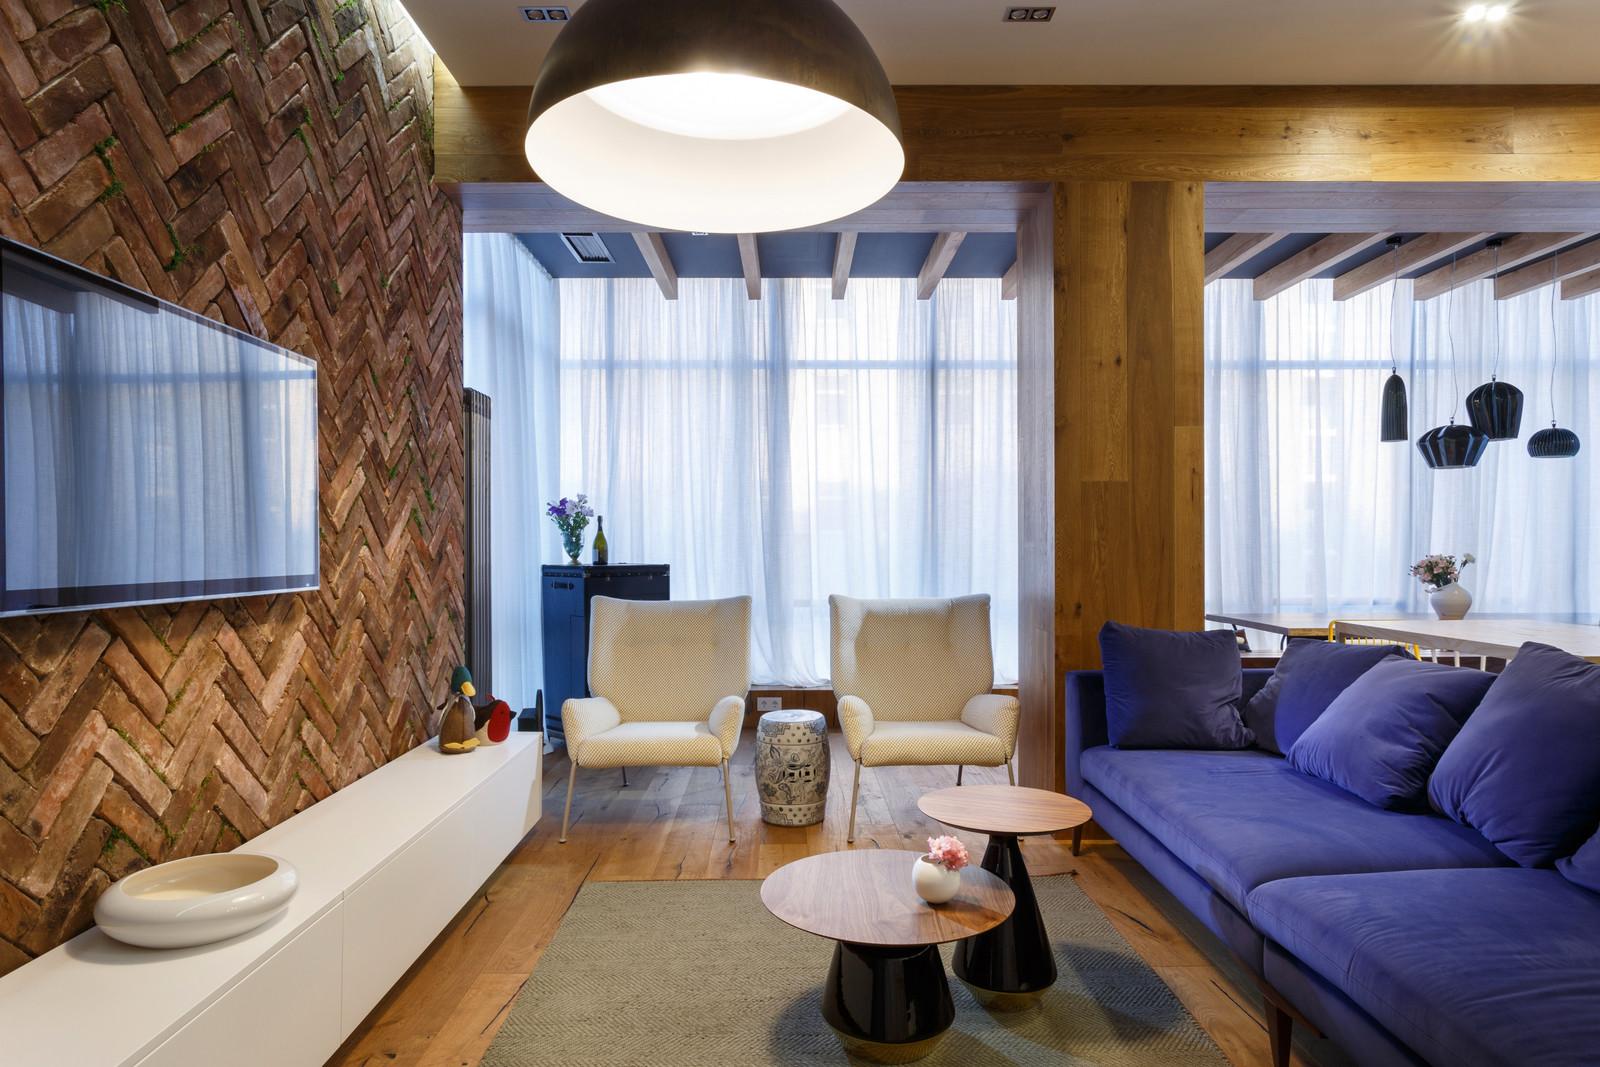 Vivid and original apartment in ukraine